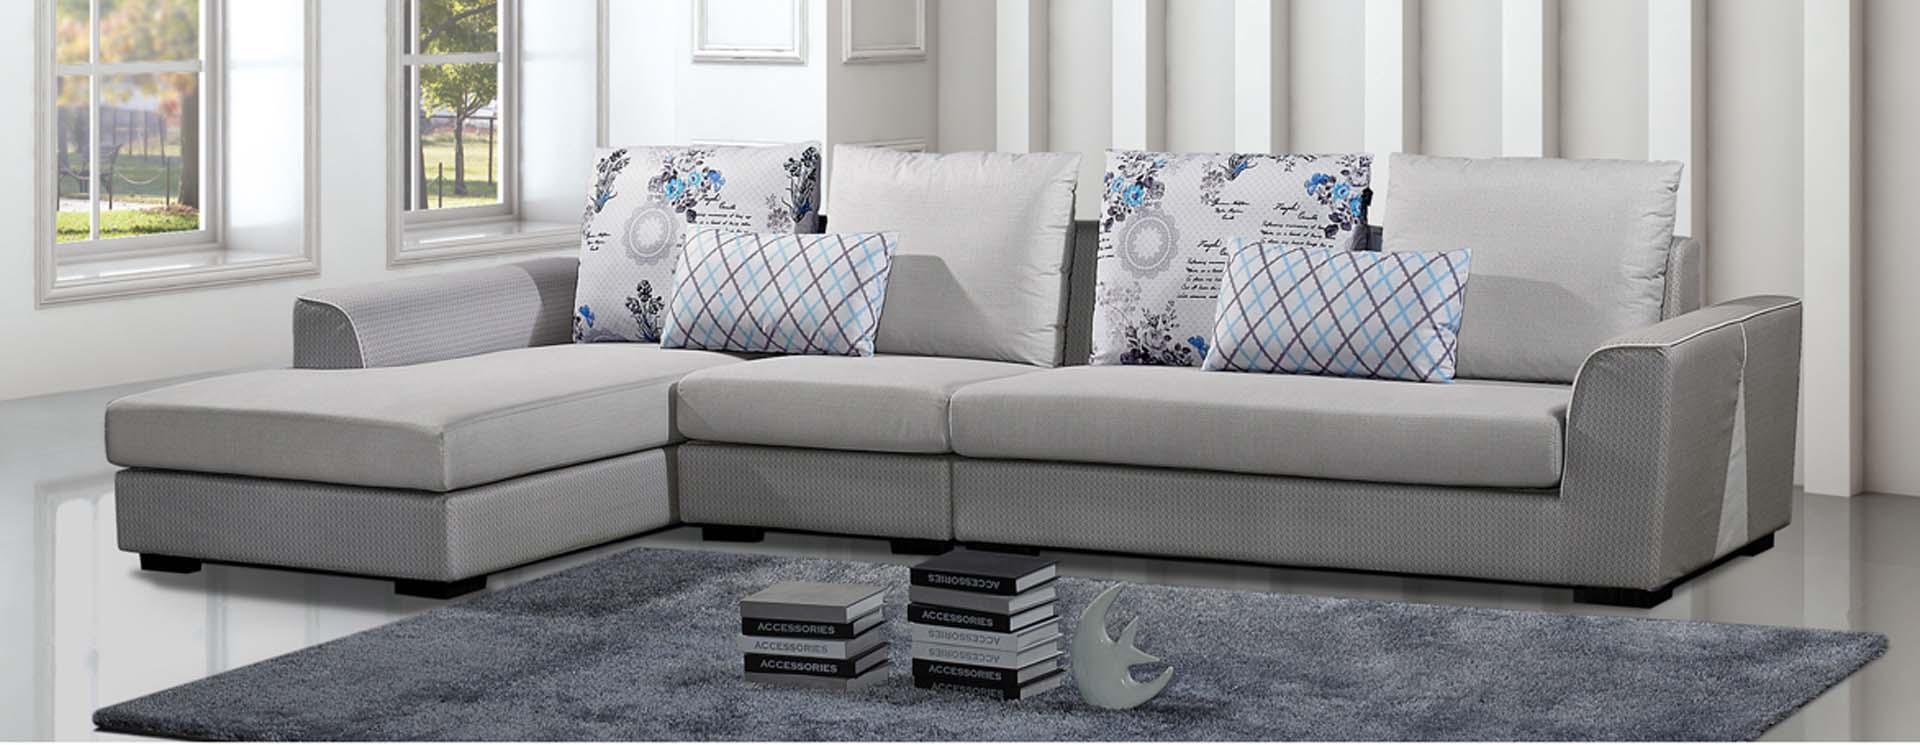 名称:沙发E-625D#<br/> 市场价:<font style='color:#999;text-decoration:line-through;'>¥0</font><br />全国统一零售价:<font color='Red'>¥0.0</font>